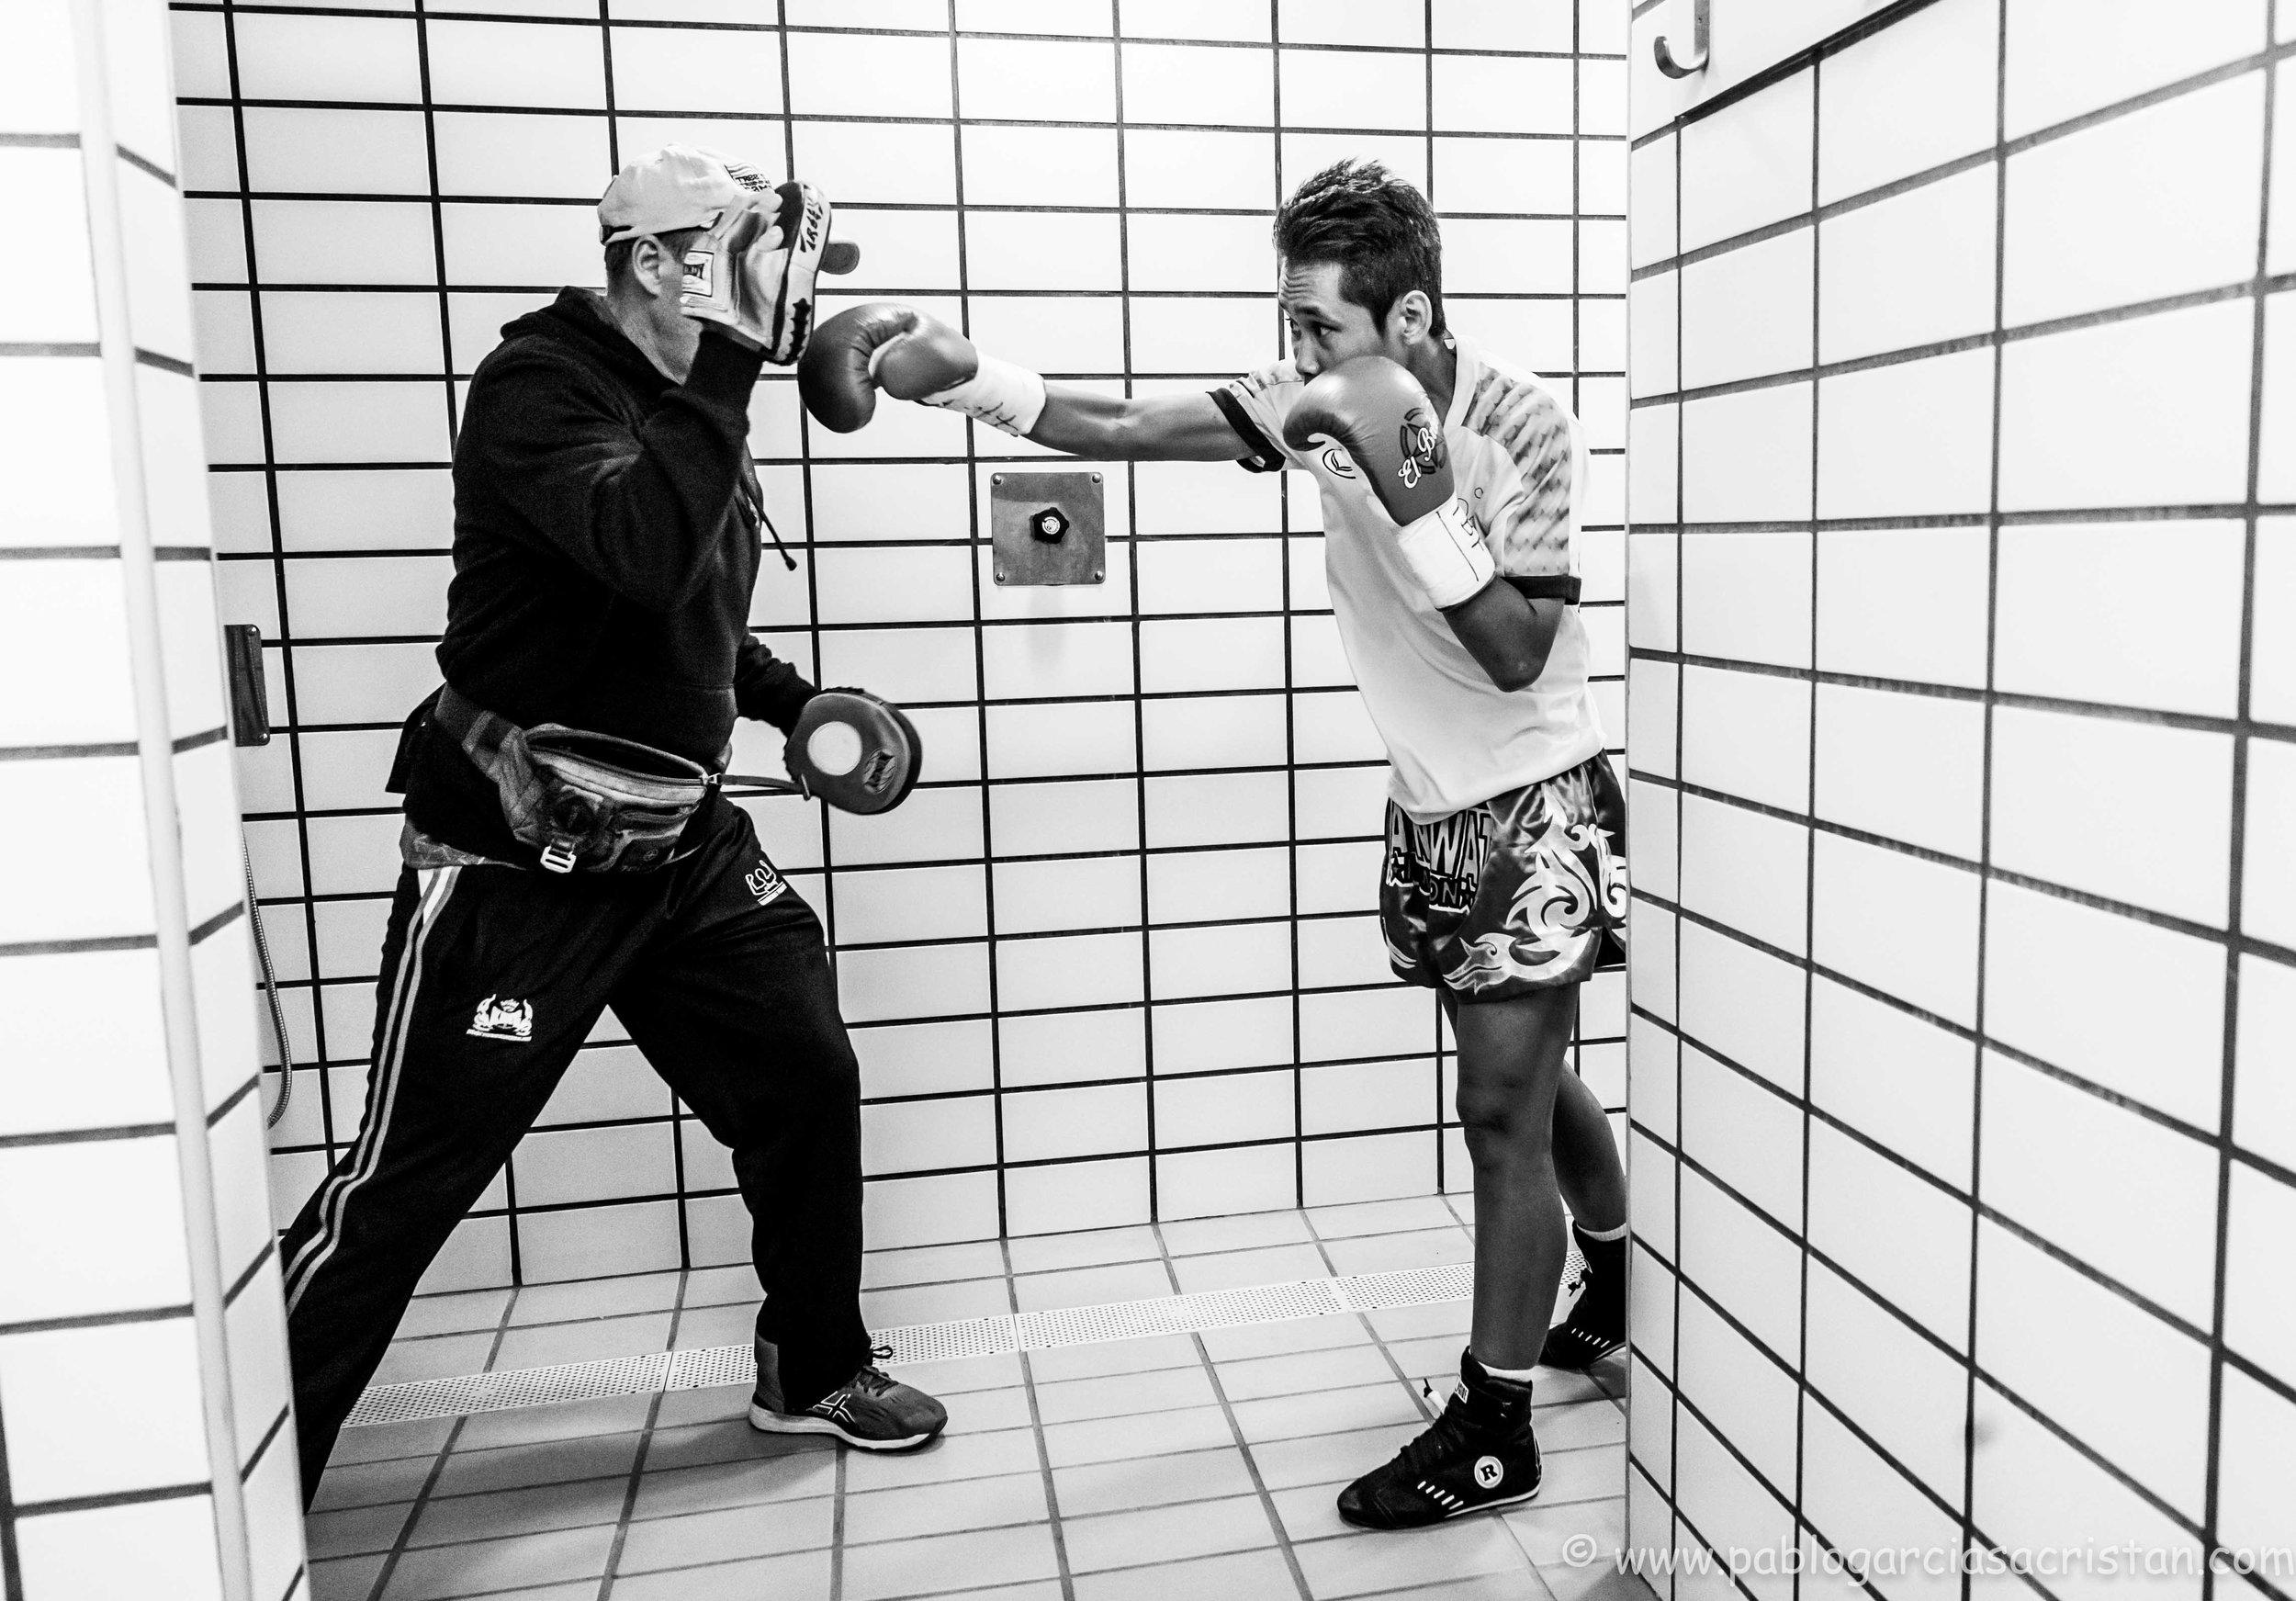 boxeo blanco y negro_9.jpg